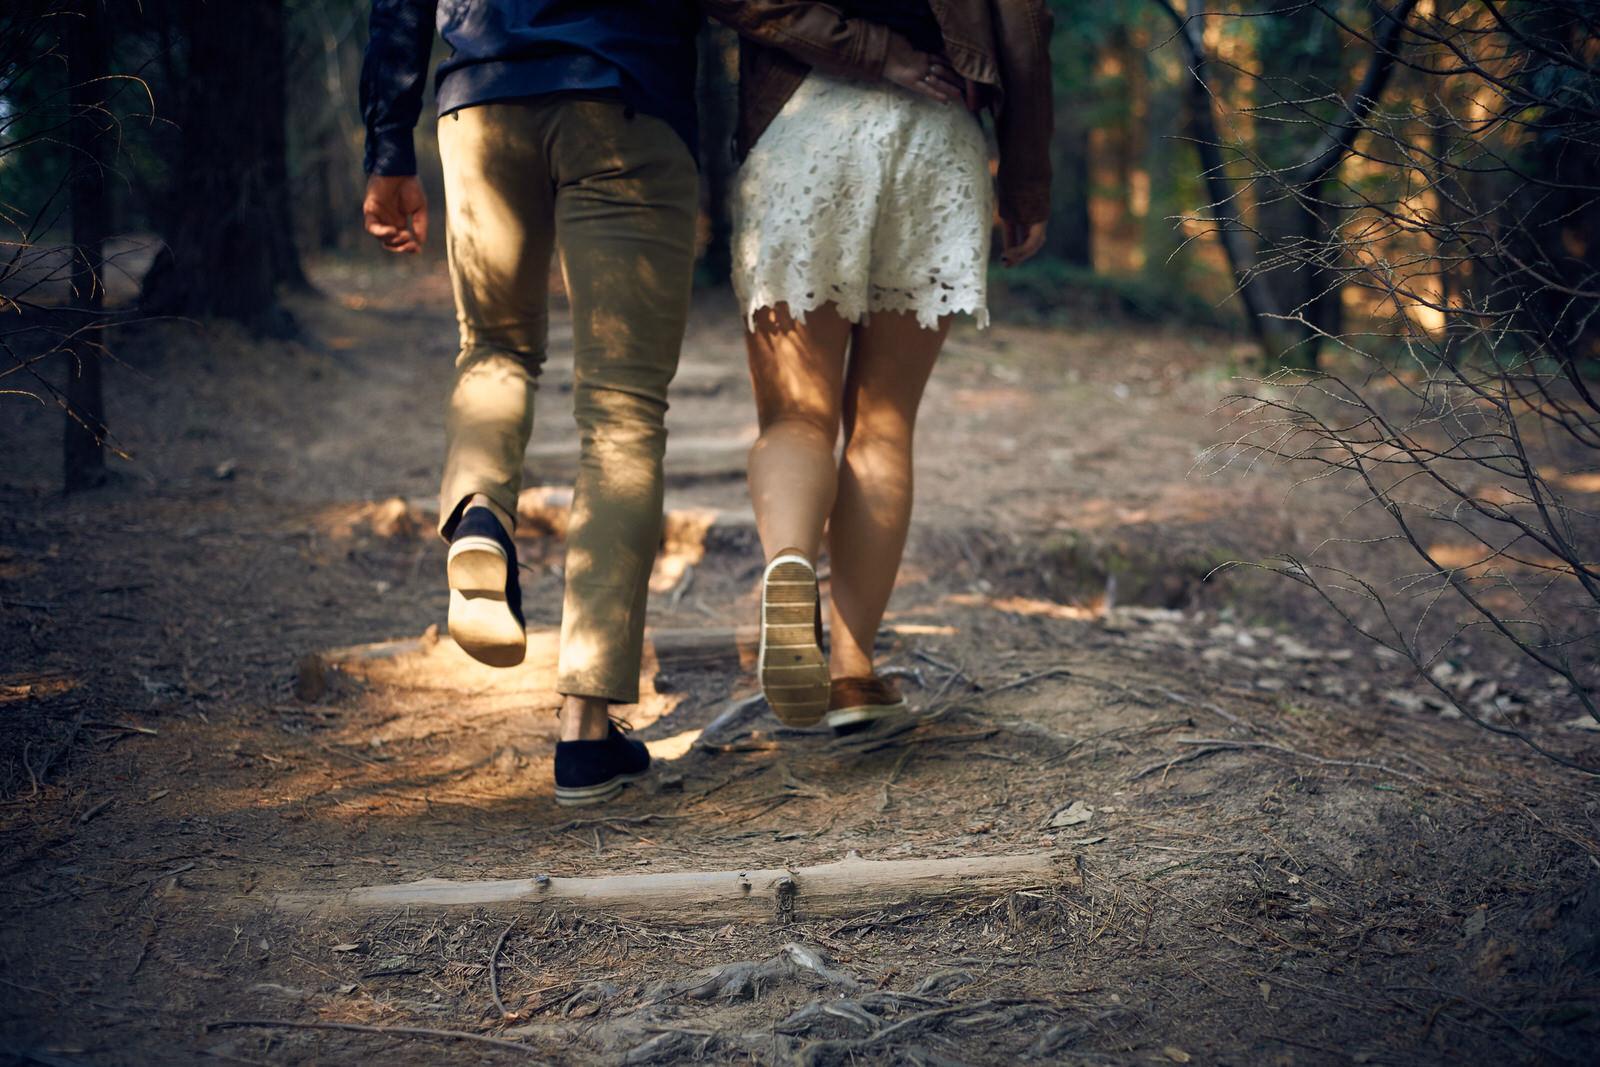 sesion de enamorados, fotos de pareja, preboda en el bosque de sequoyas de cabezon, paseo entre arboles gigantes bosque, love session